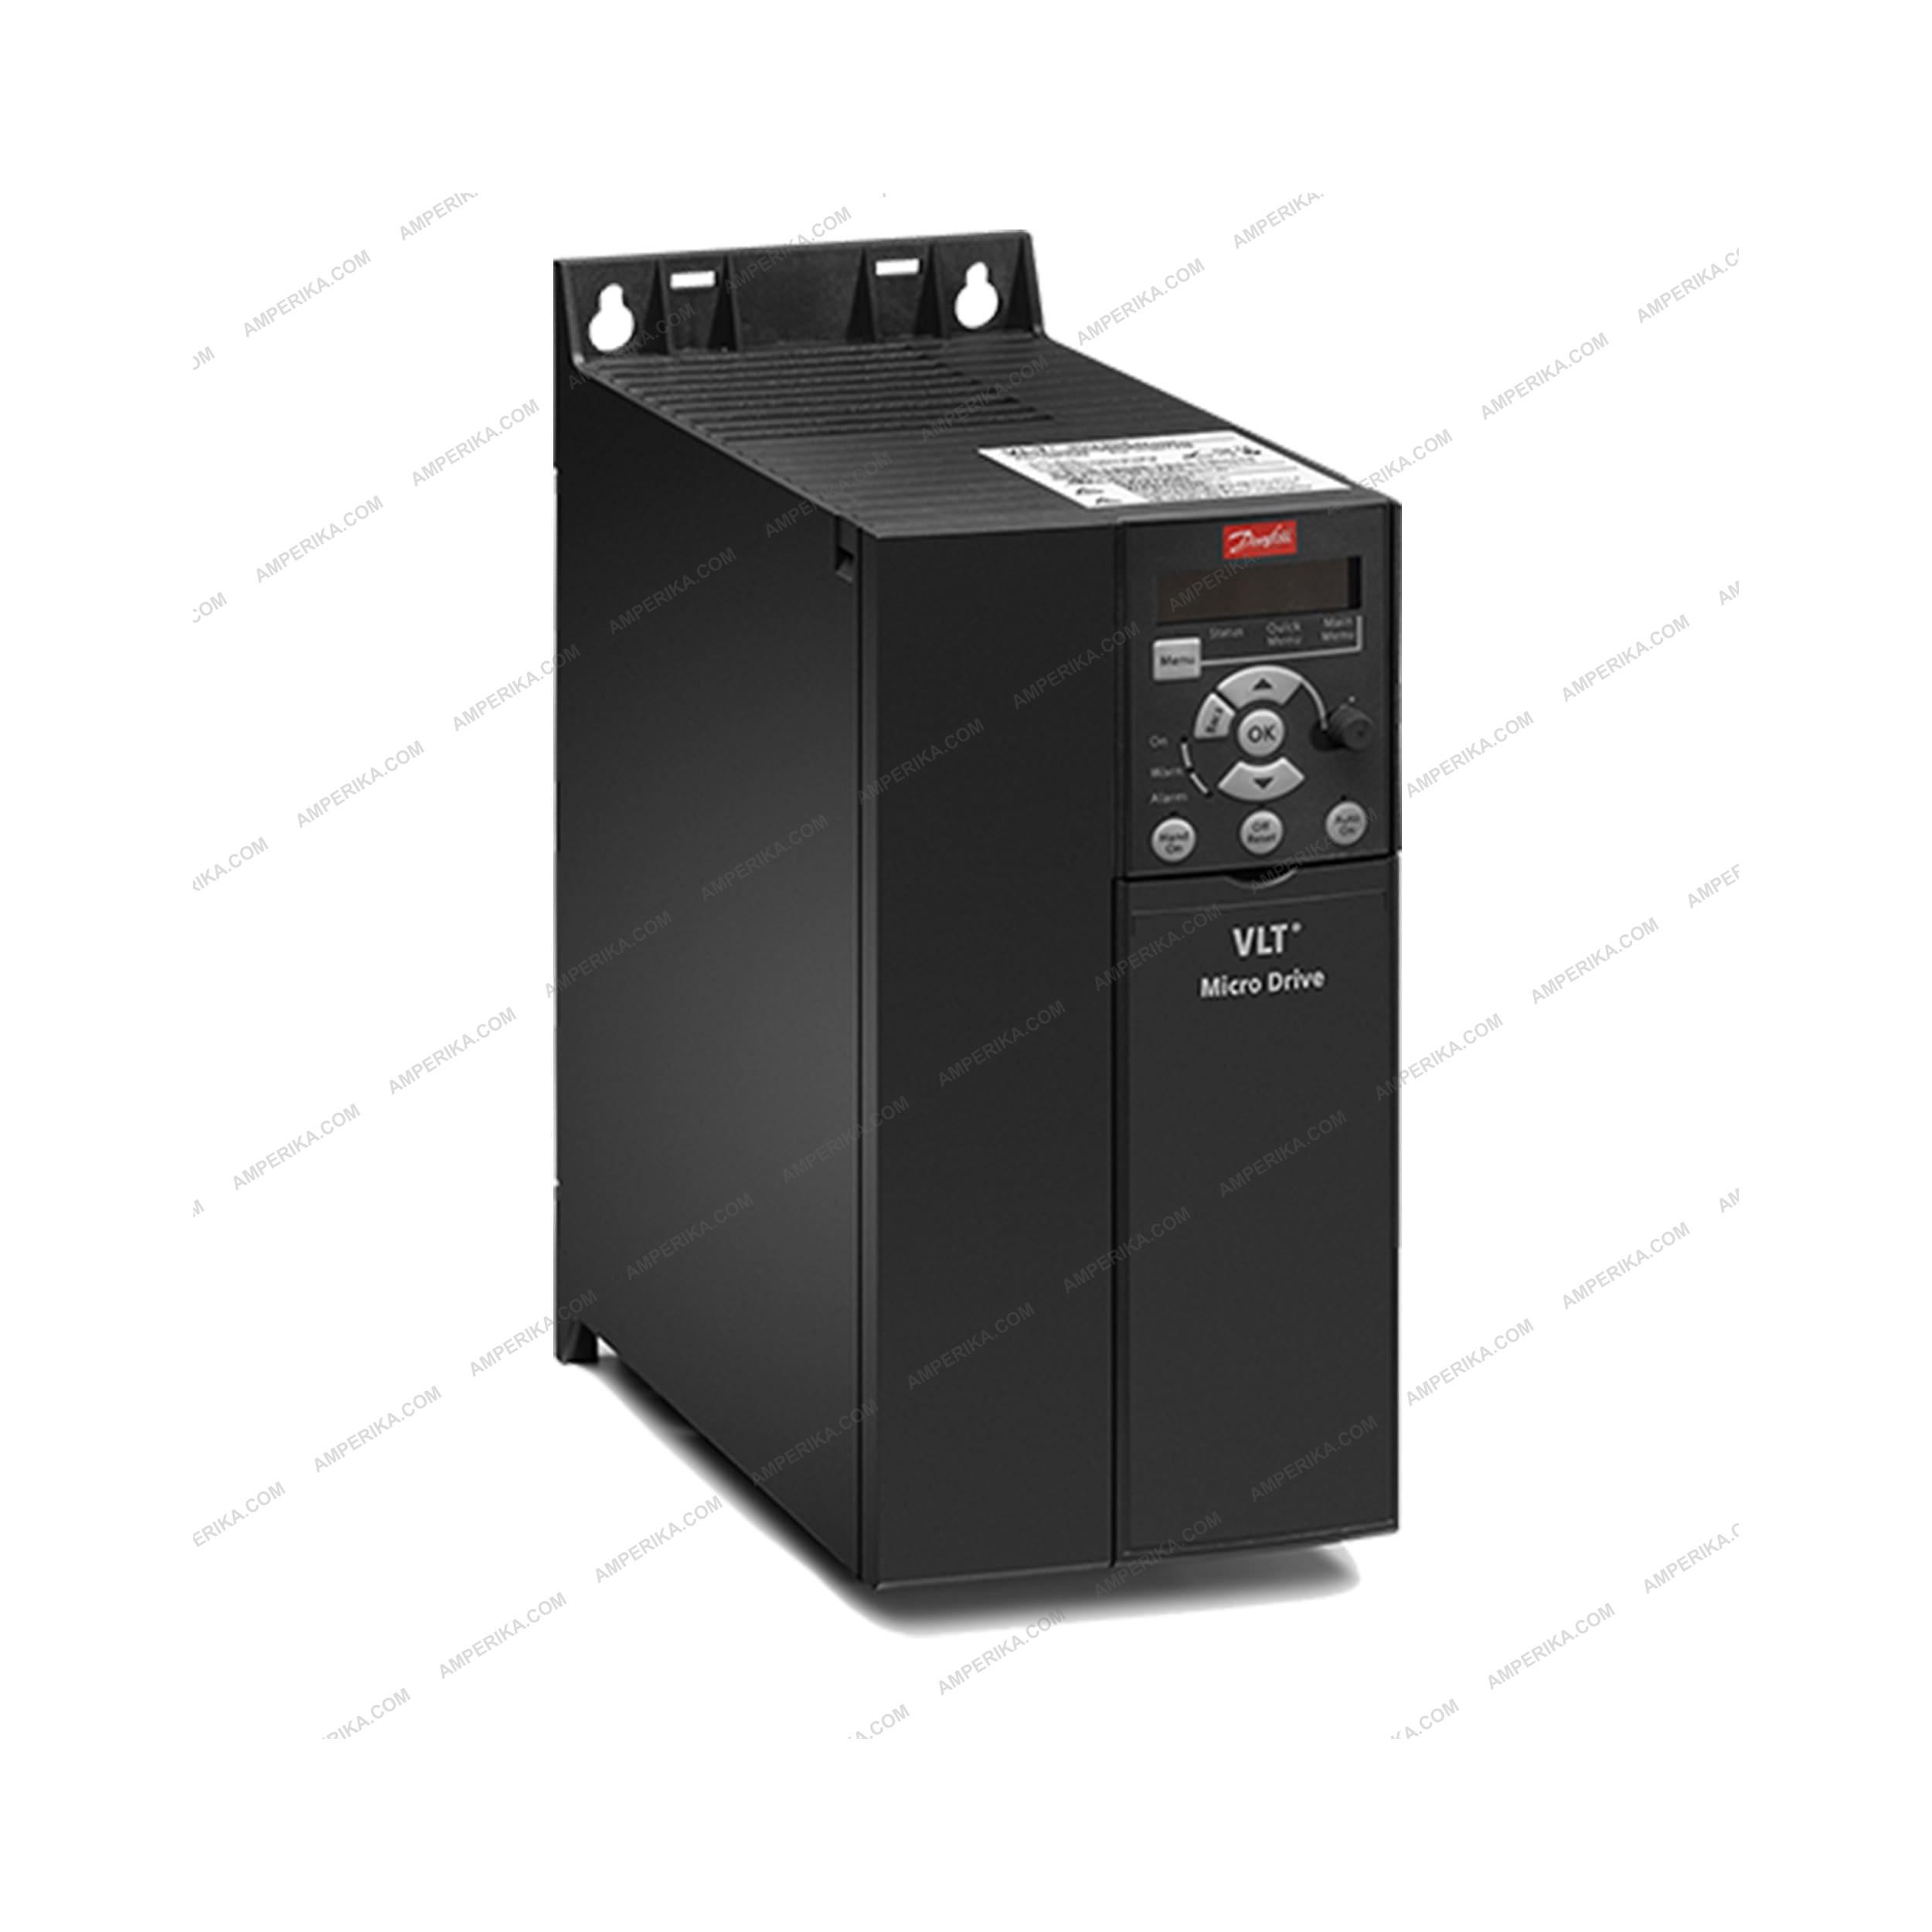 Частотный преобразователь VLT Micro Drive FC 51 4,0 кВт 3ф